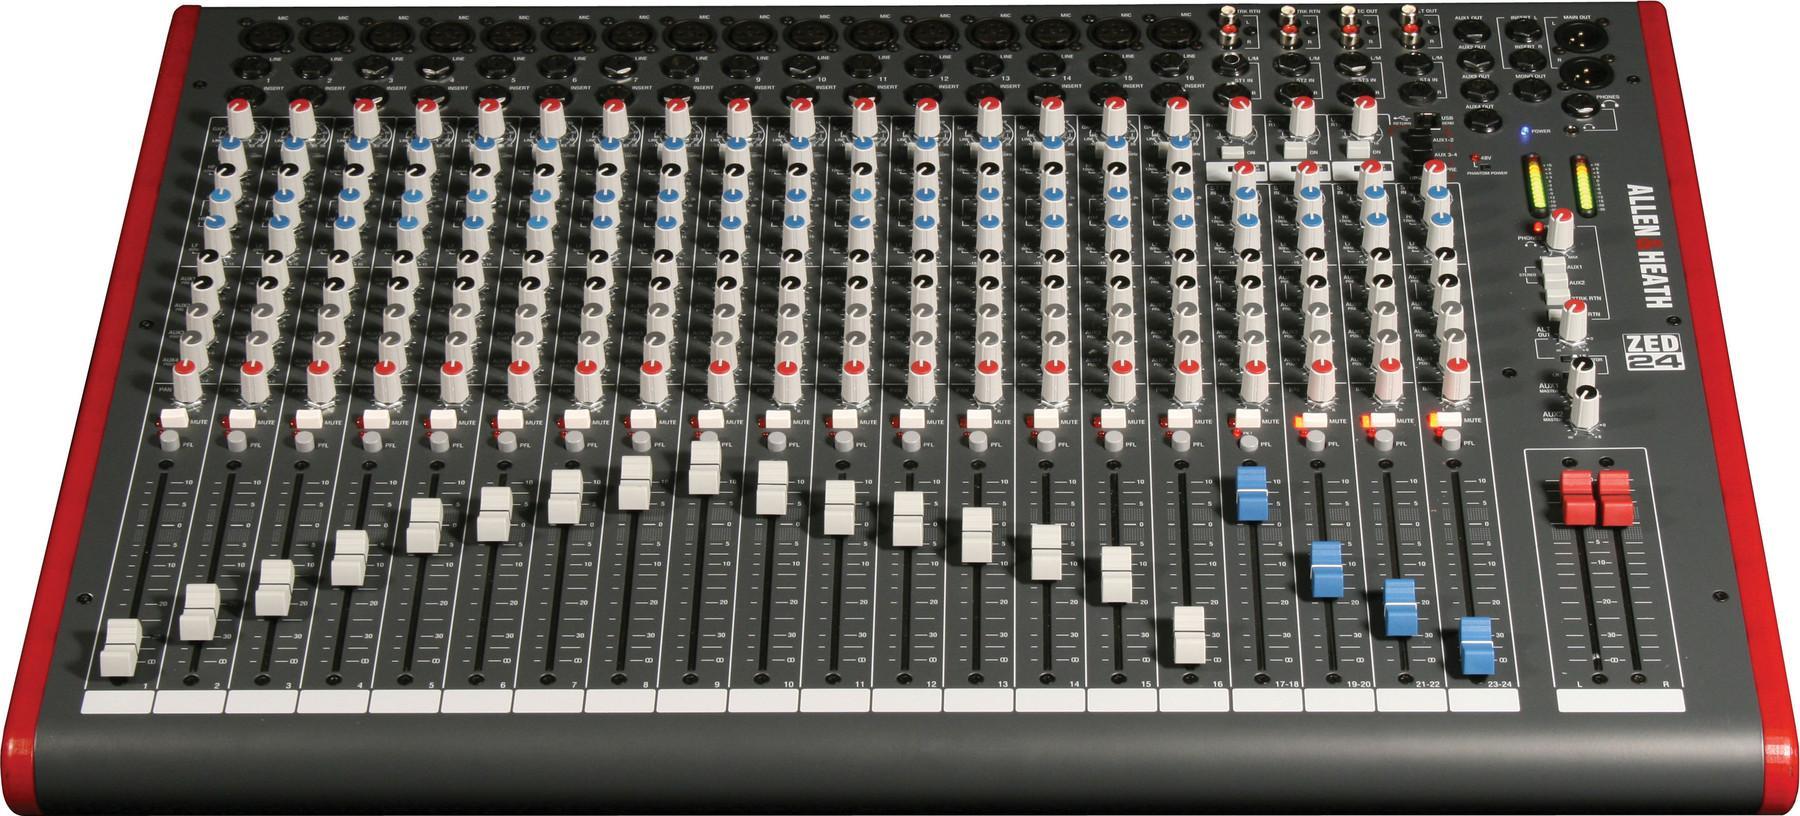 Allen heath zed 24 usb mixer - Table de mixage professionnelle studio ...